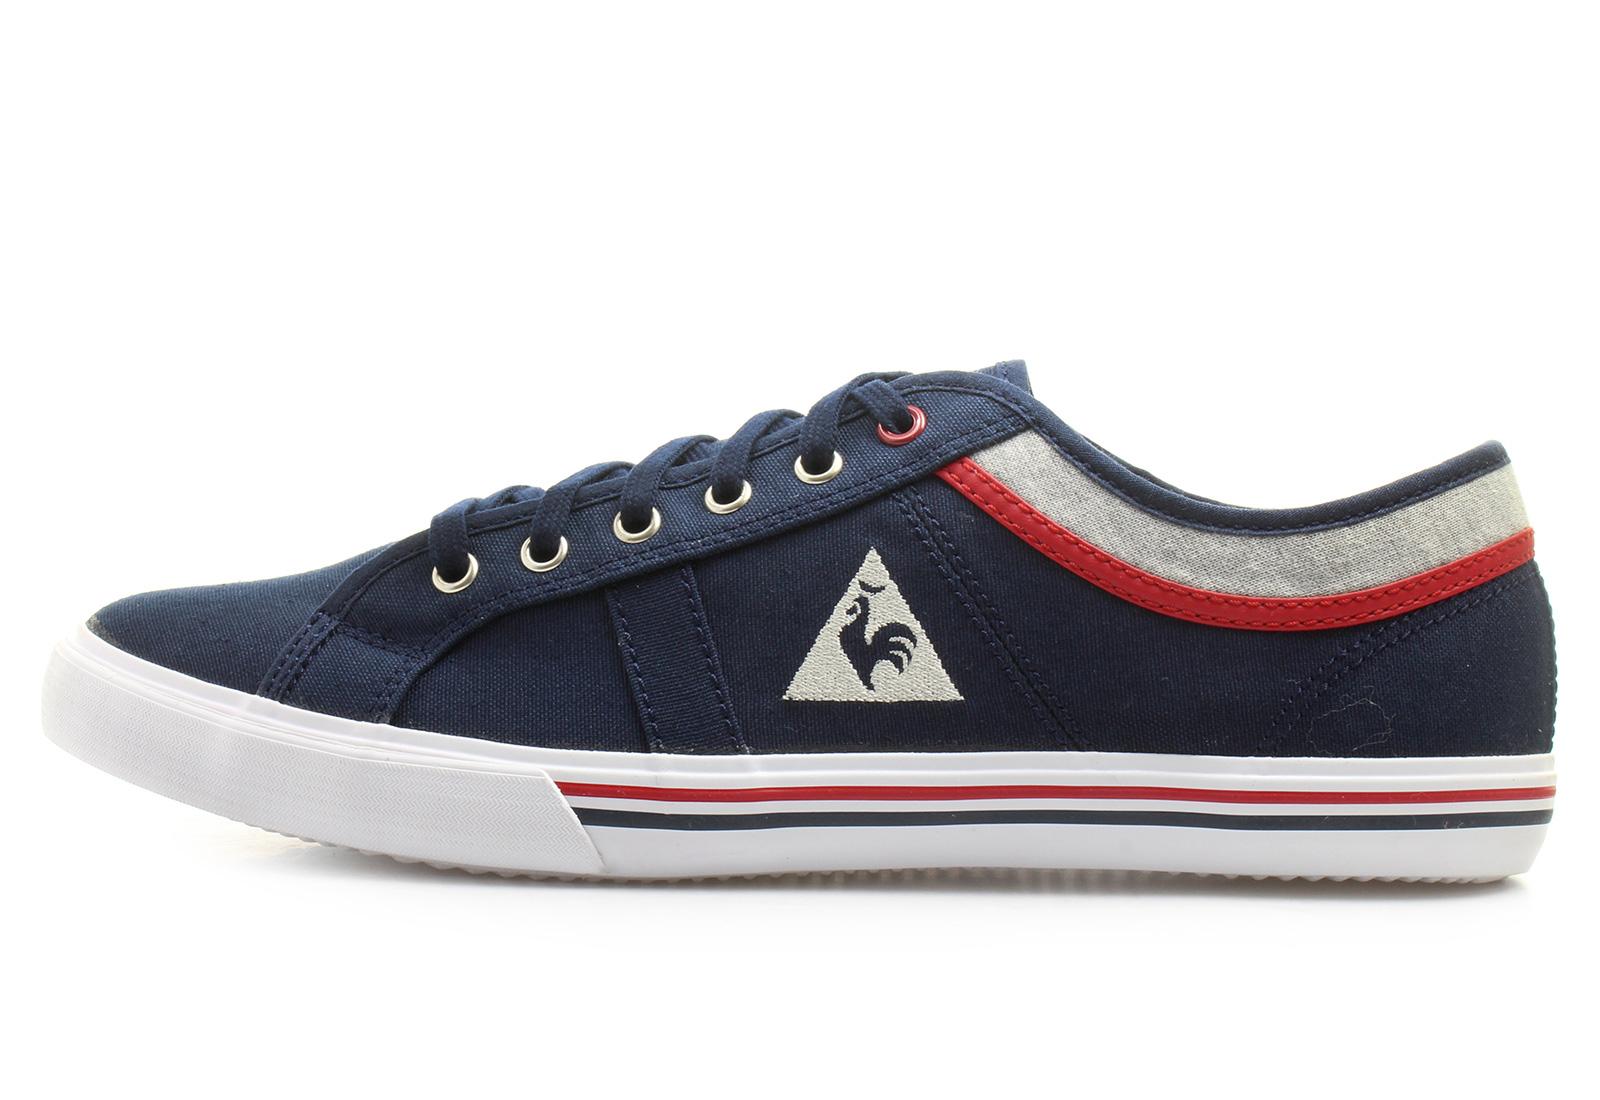 Le Coq Sportif High Top Shoes